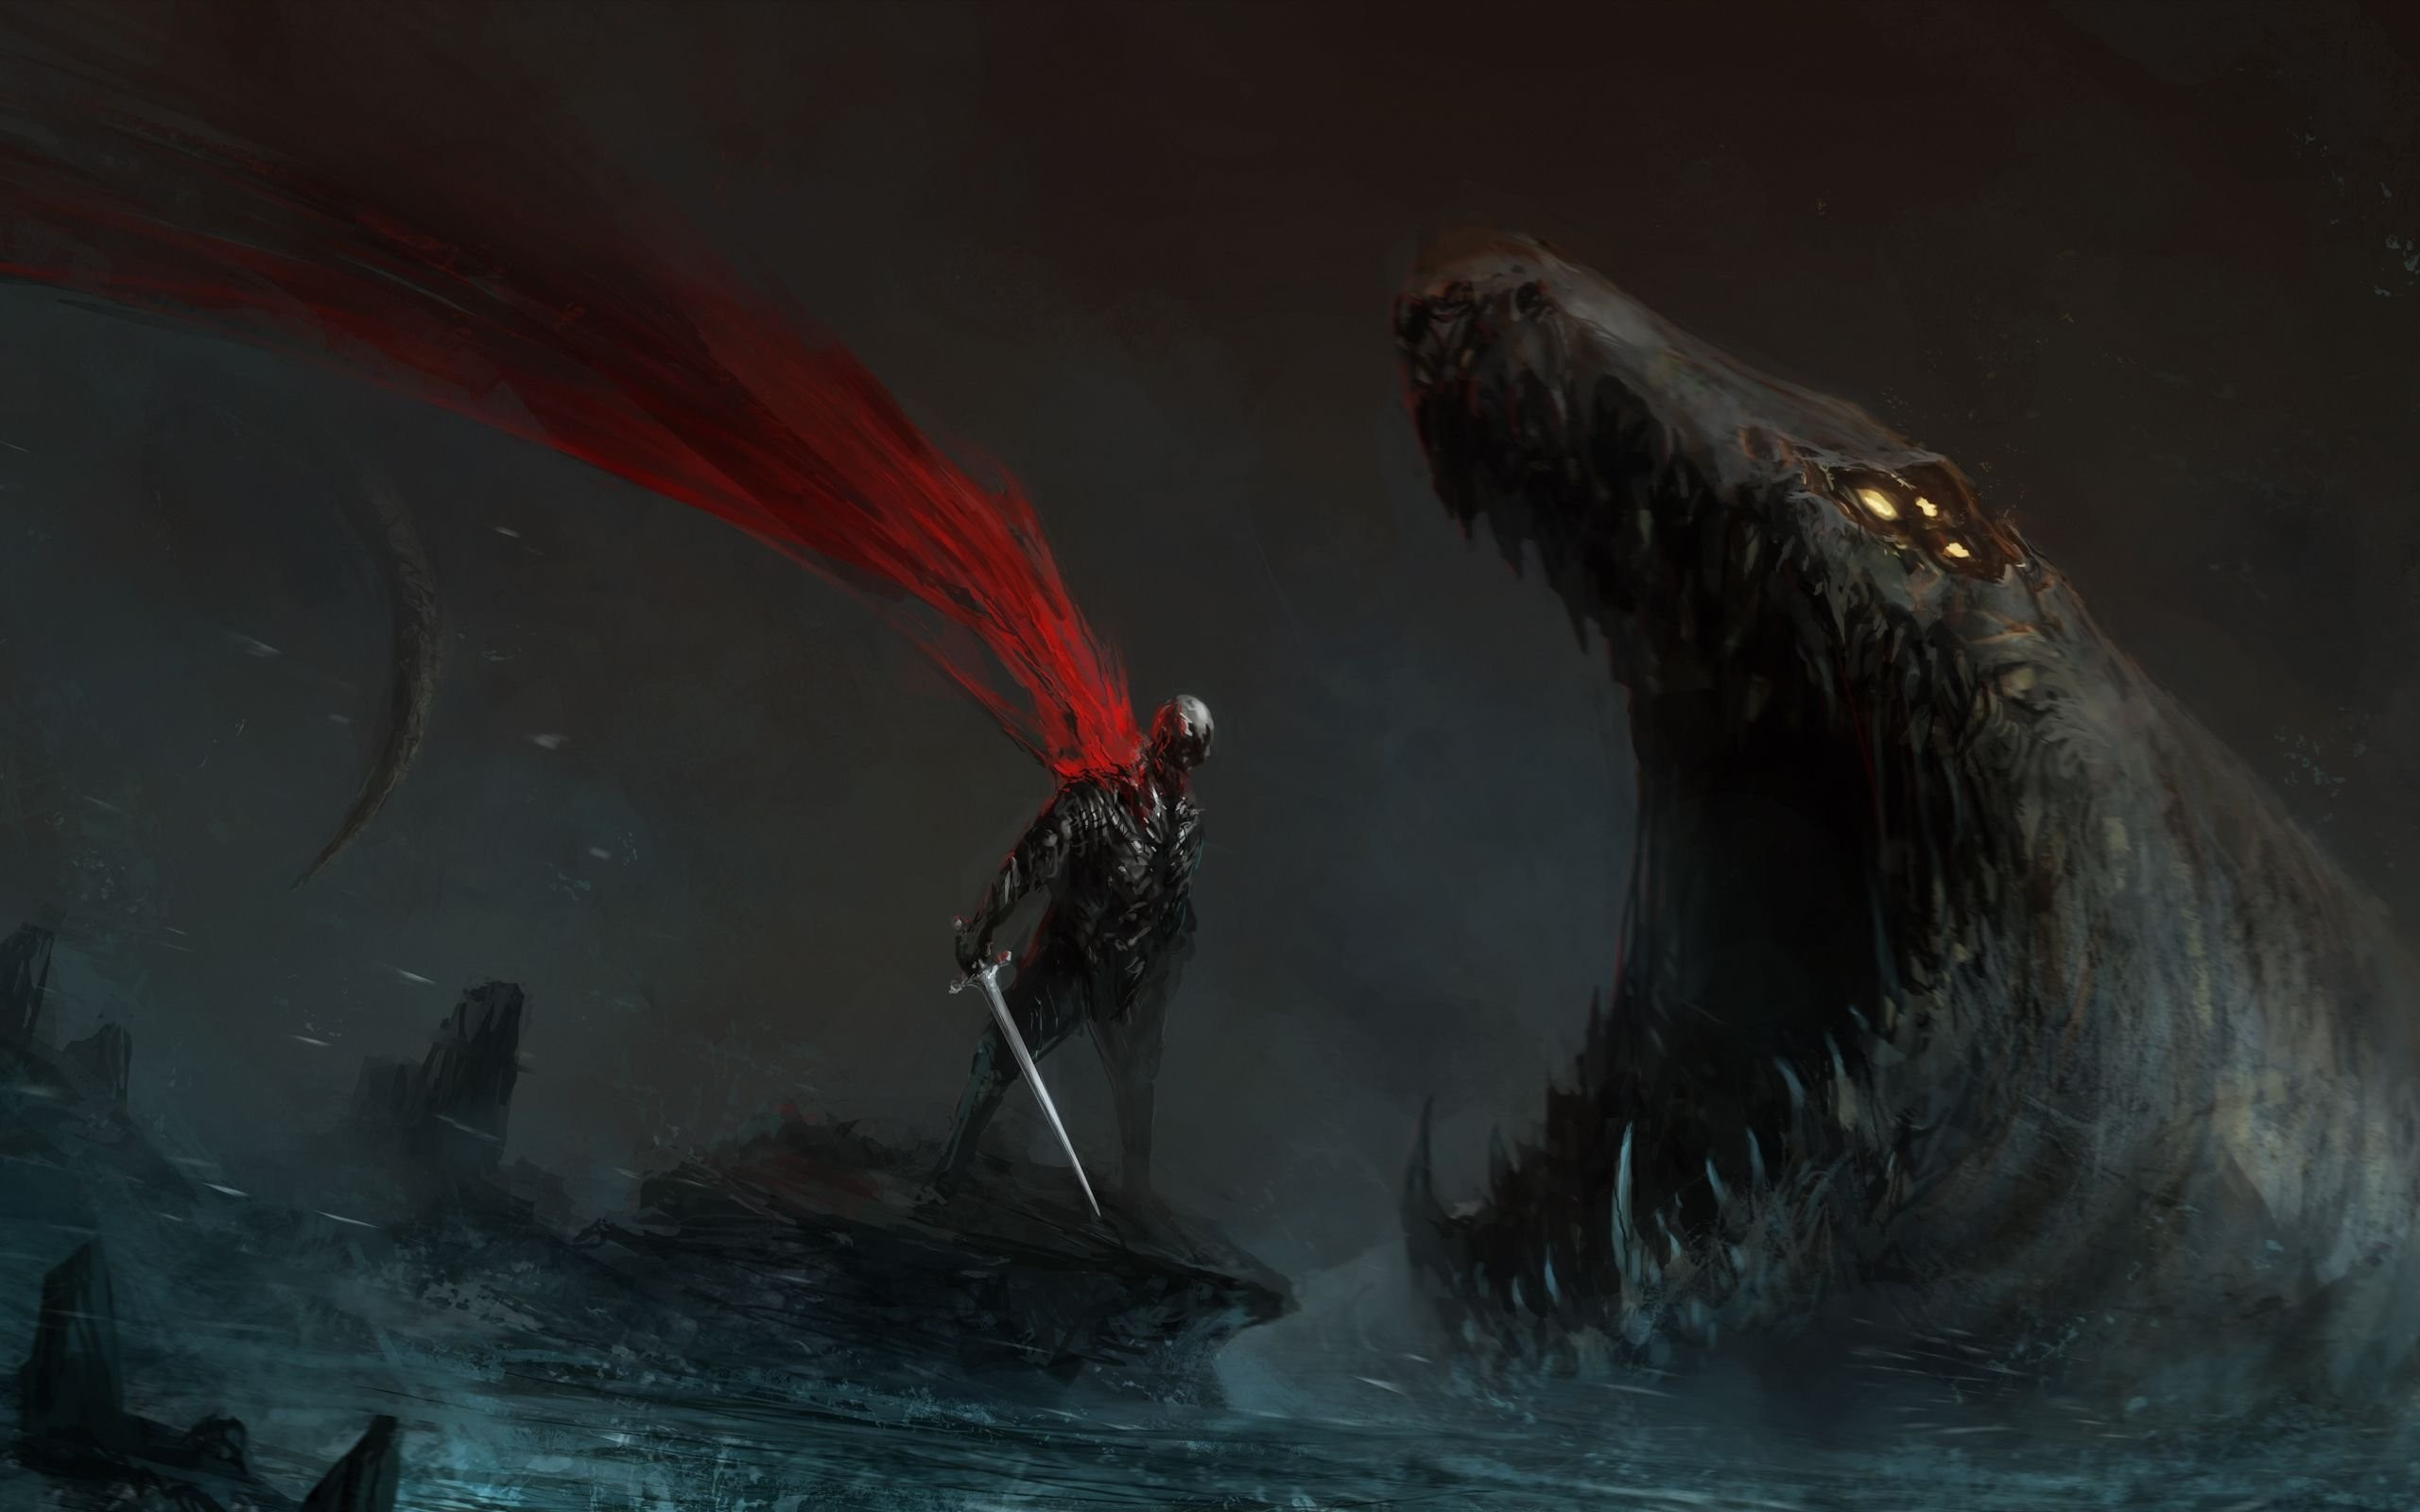 Filename: warrior-cape-monster.jpg